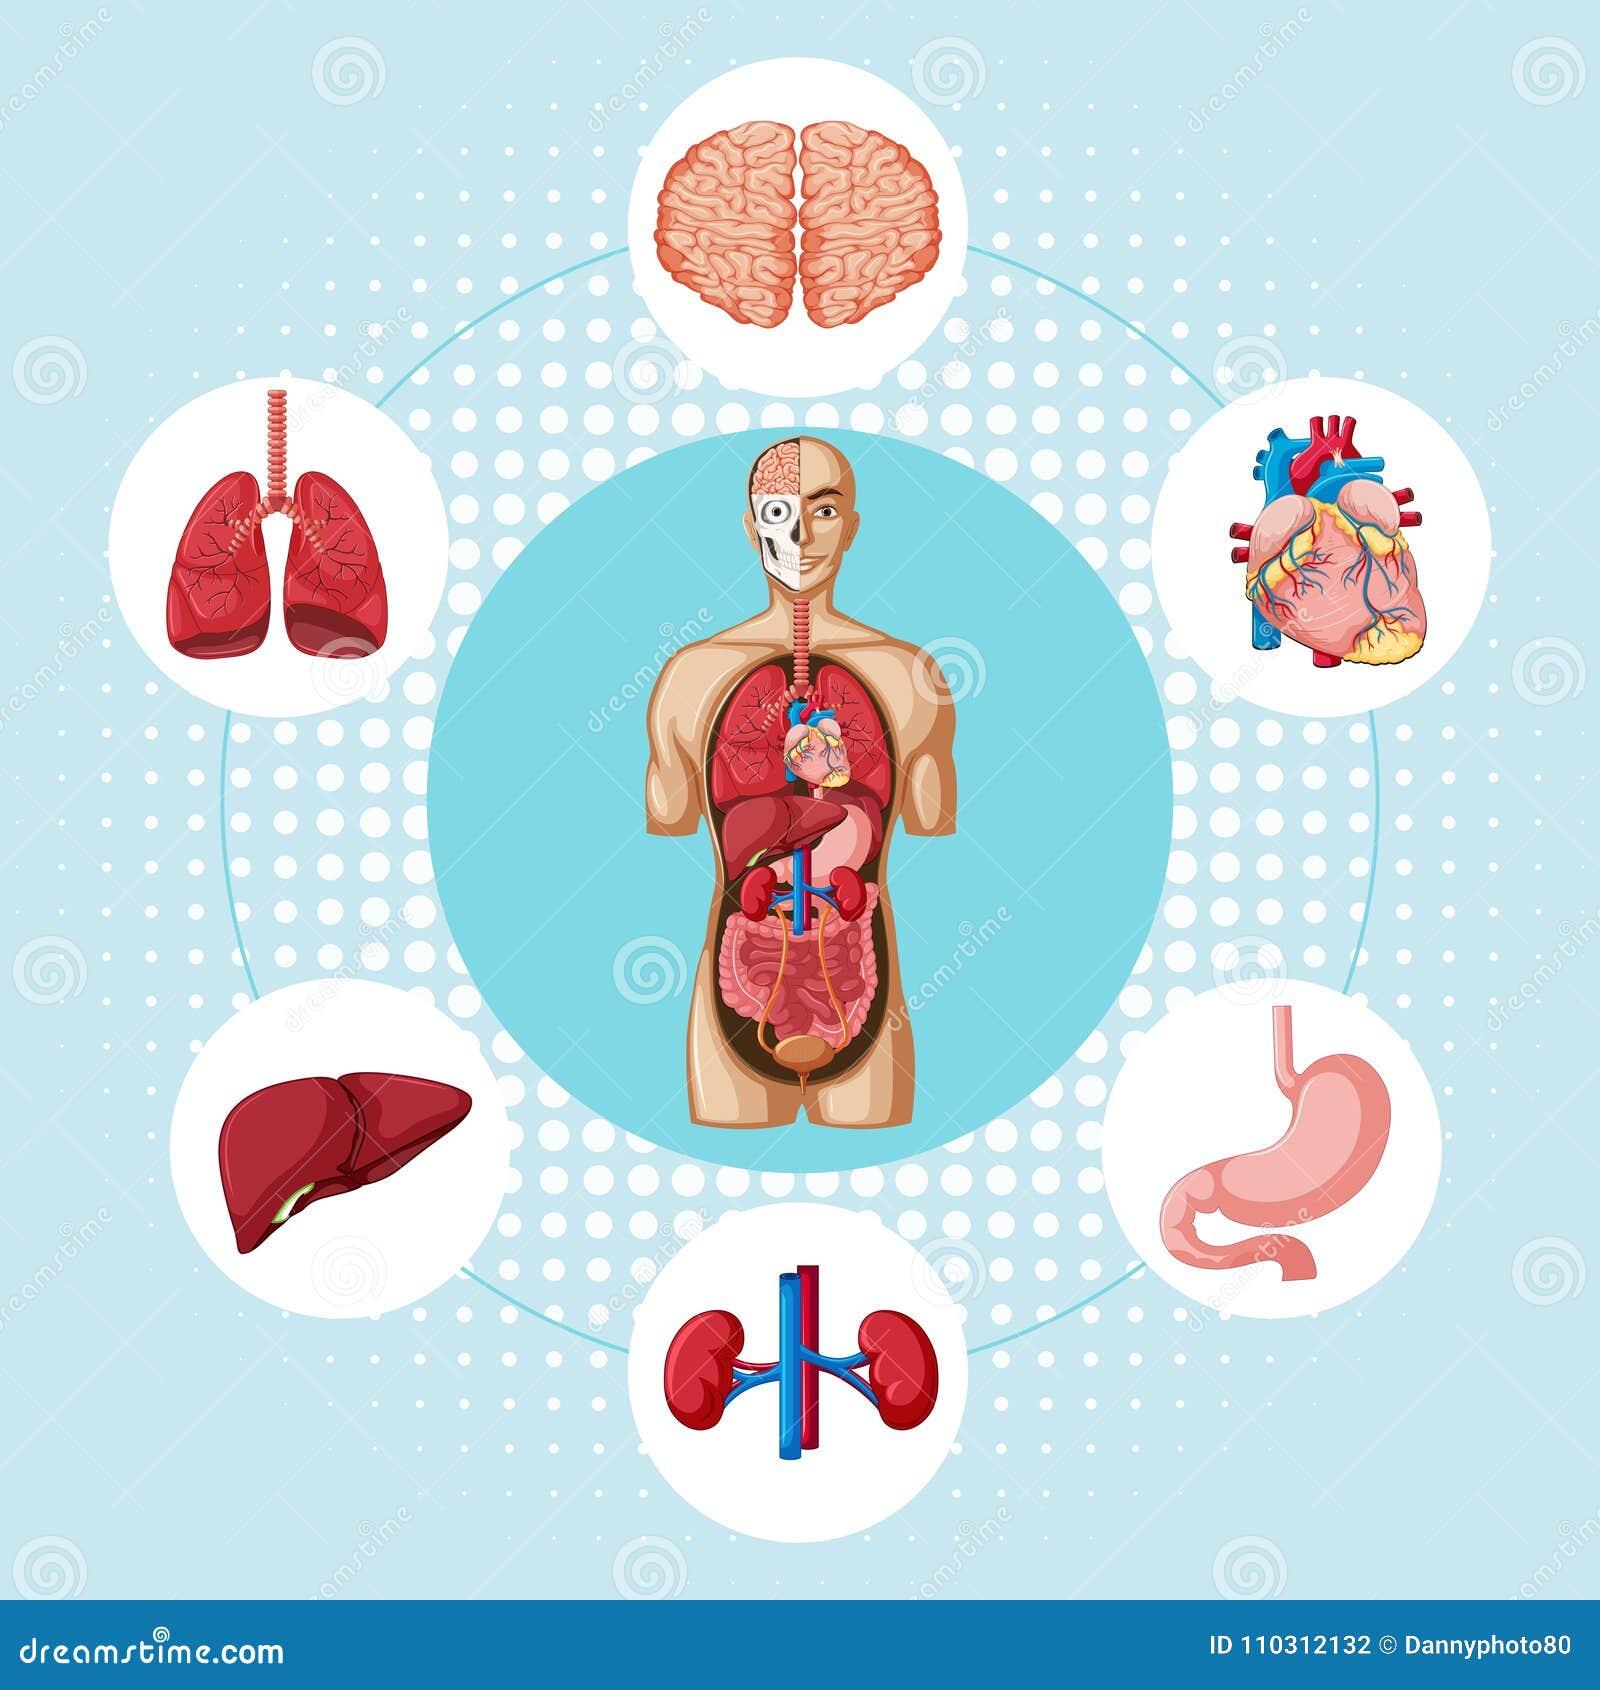 Diagrama Que Muestra Diversos órganos Del Ser Humano Ilustración del ...